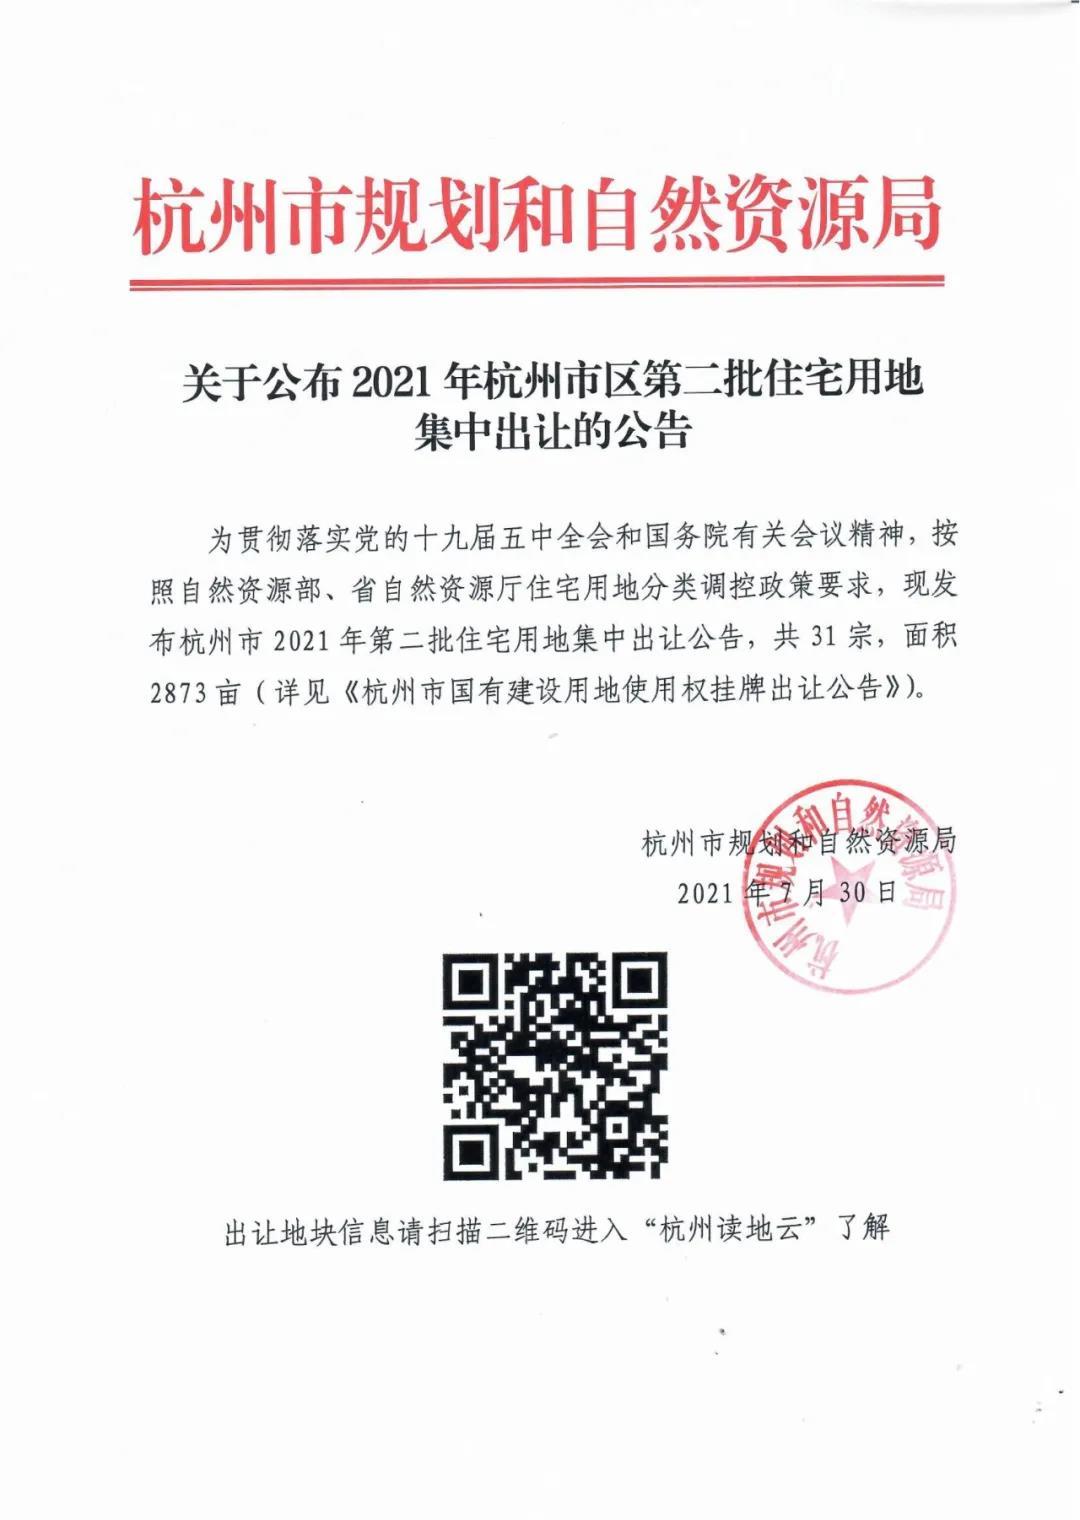 杭州新政发布! 竞品质、现房销售都要实行,点赞!